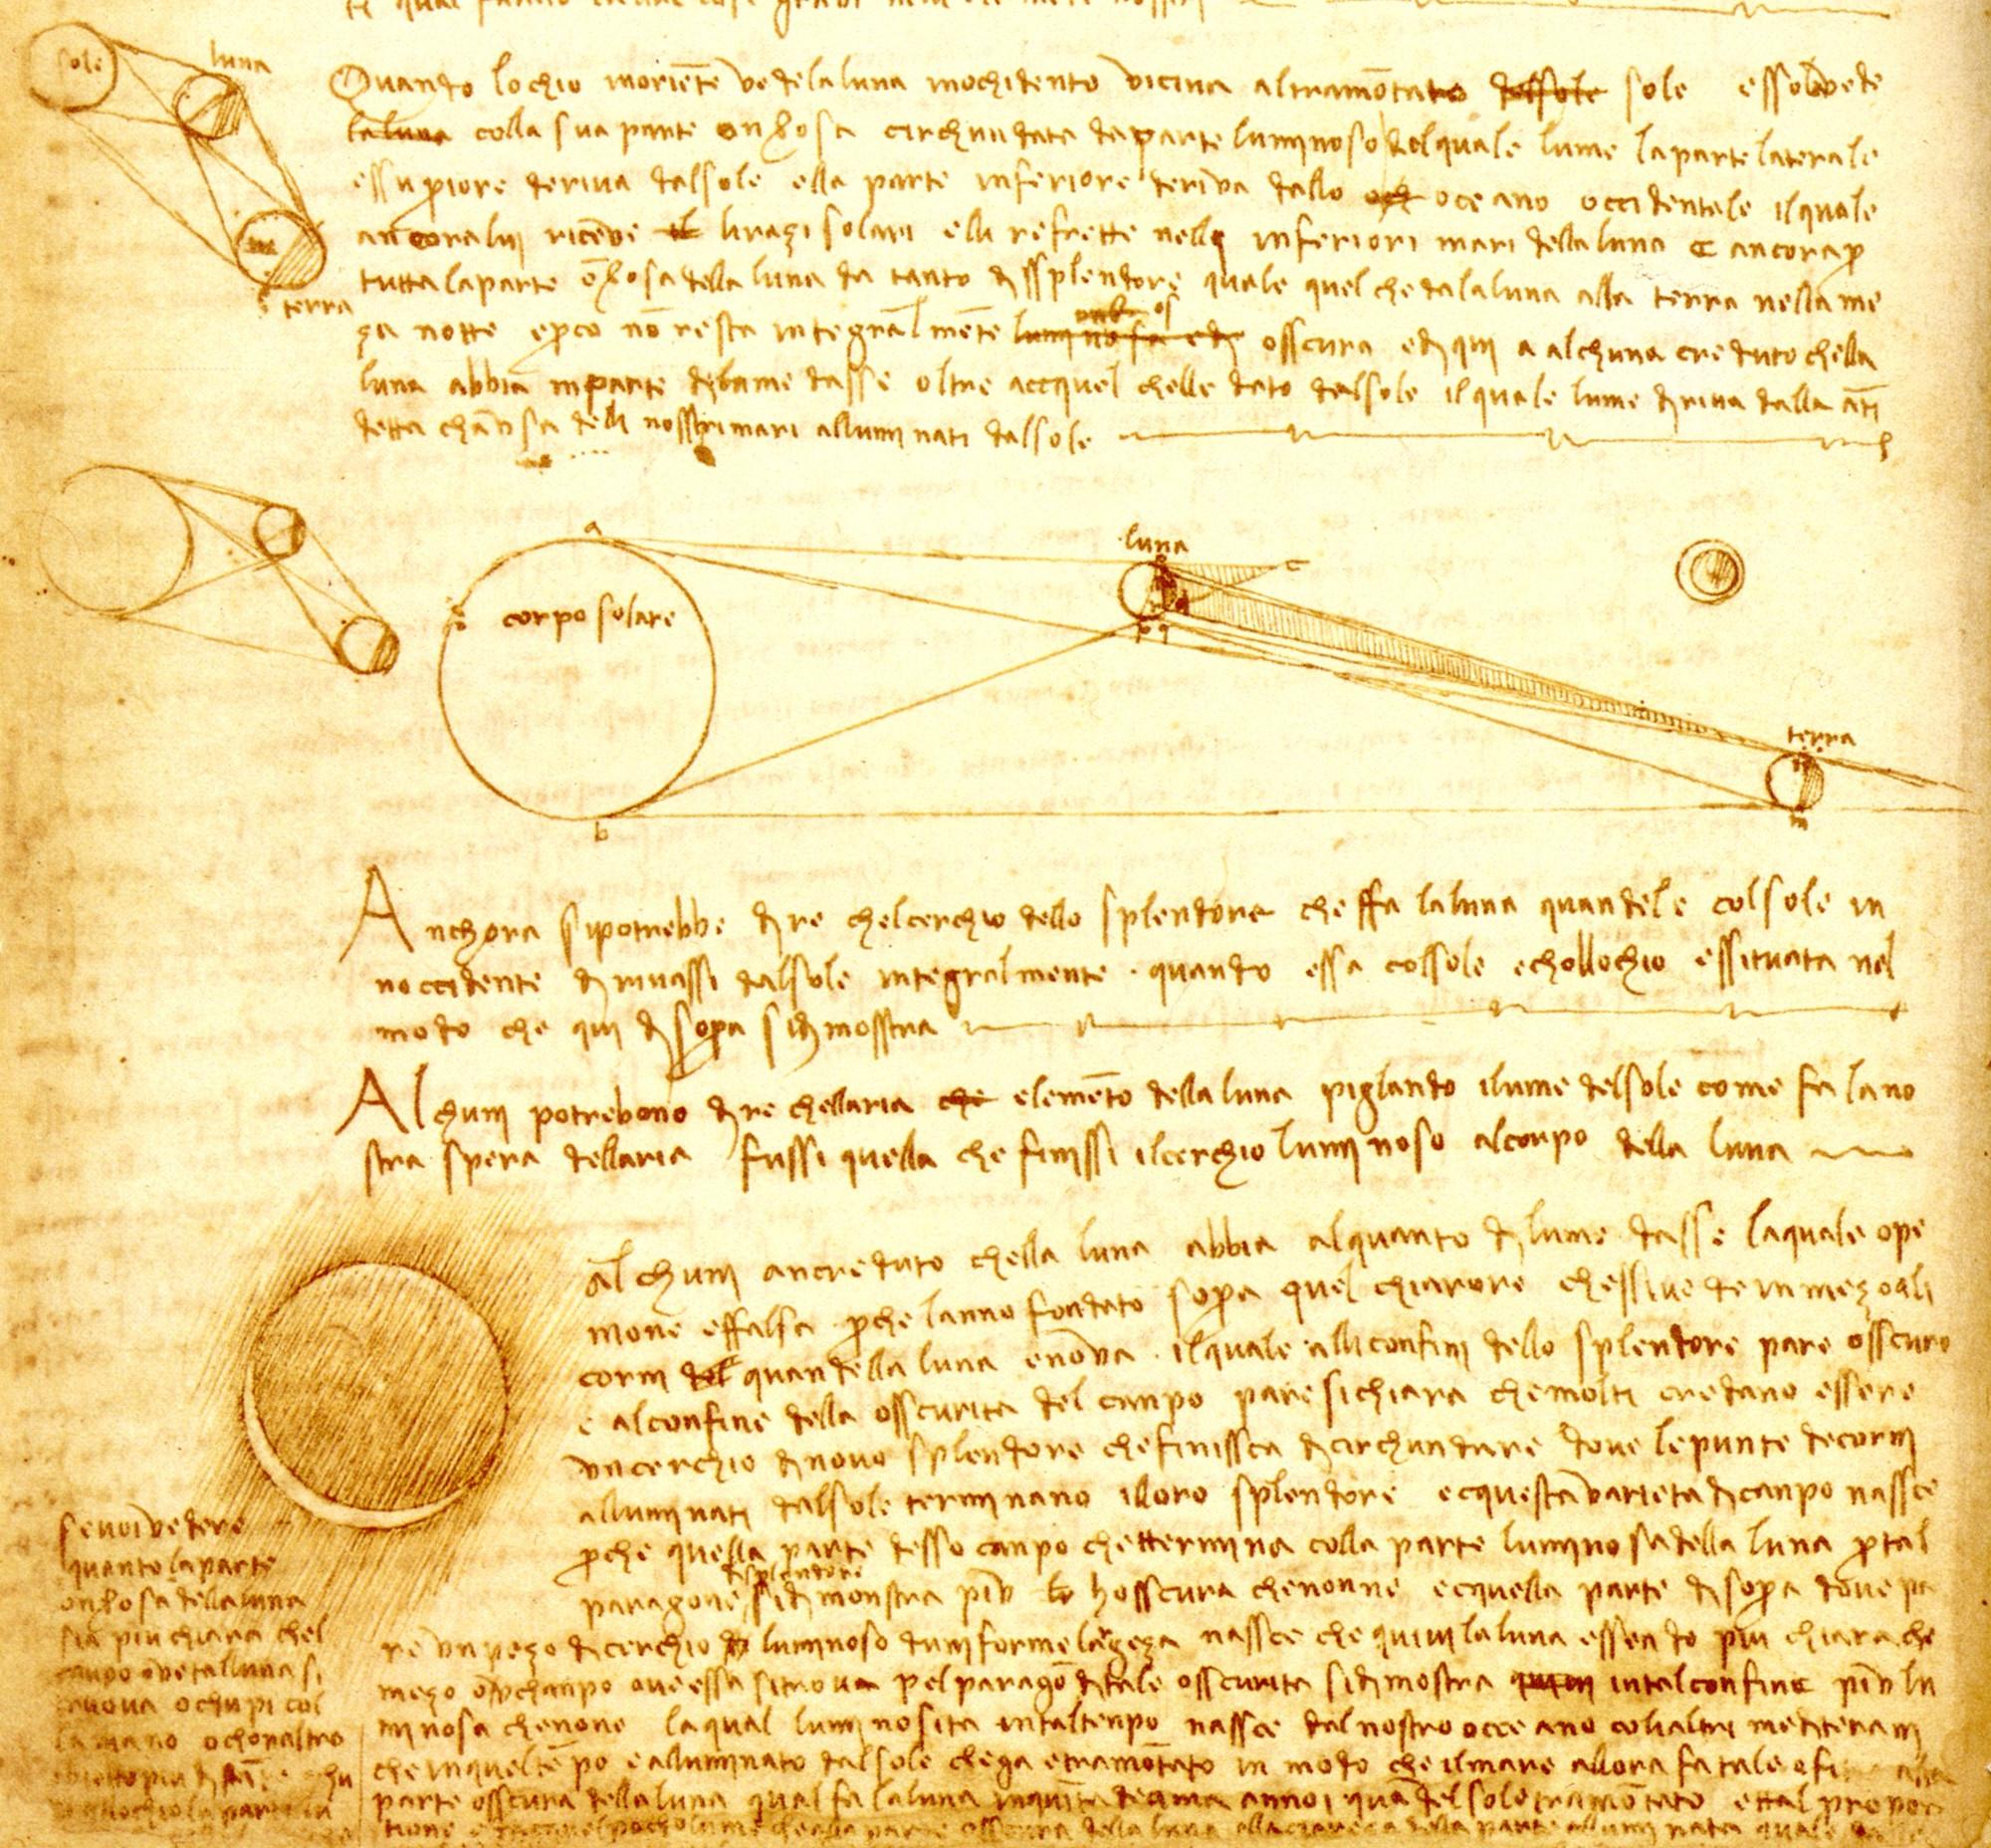 Extrait du Codex Leicester dans lequel Léonard de Vinci décrit la lumière cendrée